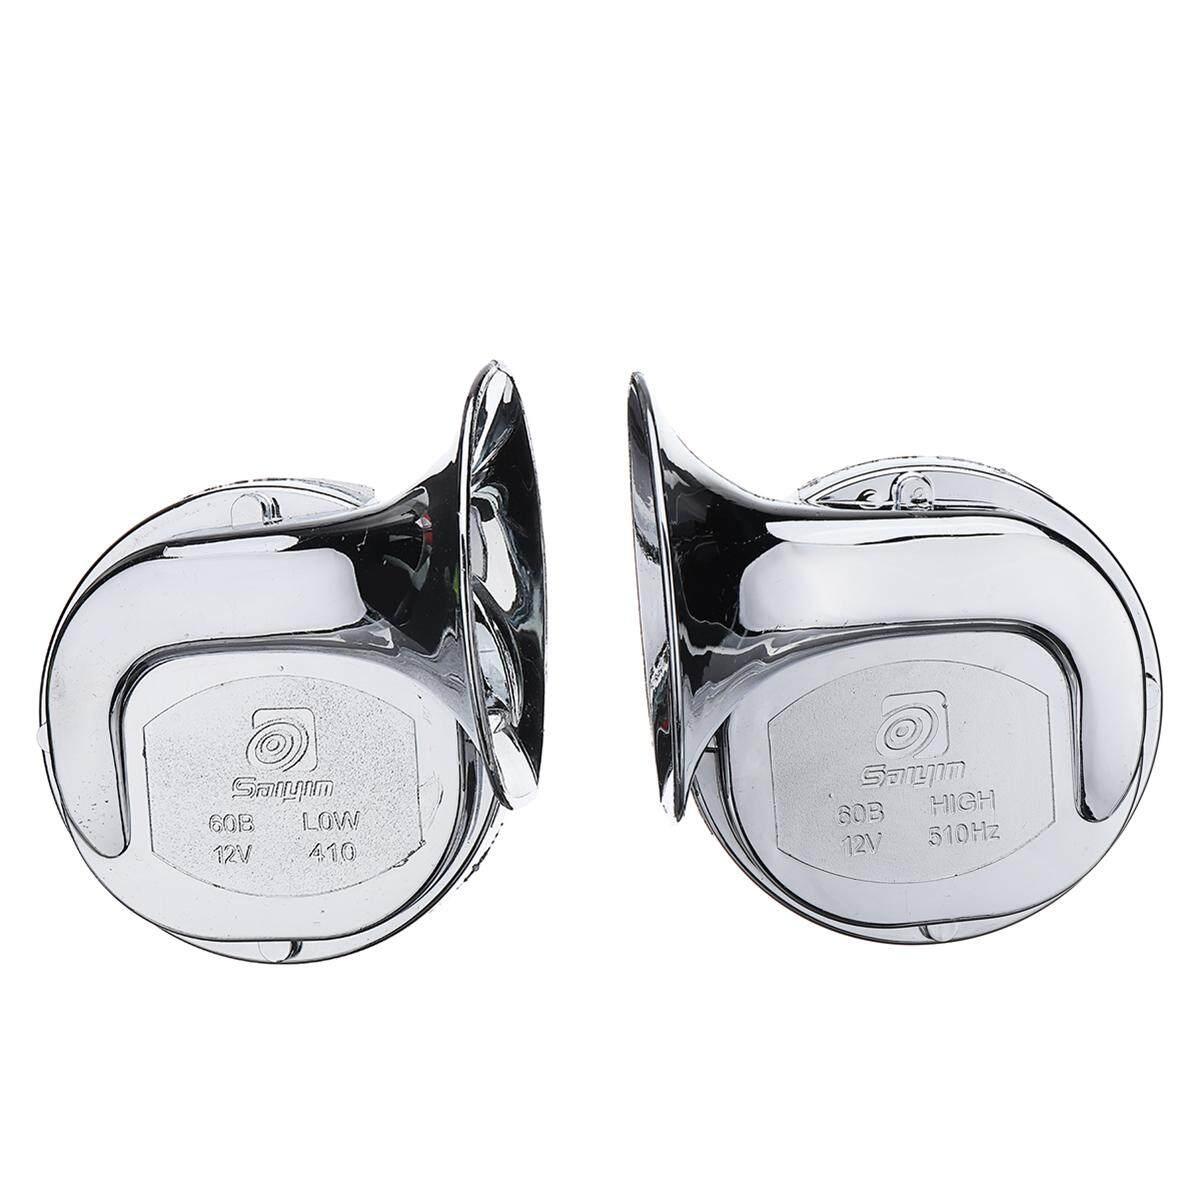 Pasangan Baru Design12v 110Db Universal Suara Keras Chrome Dual Tone Air Klakson Keong untuk Mobil Van Sepeda Motor